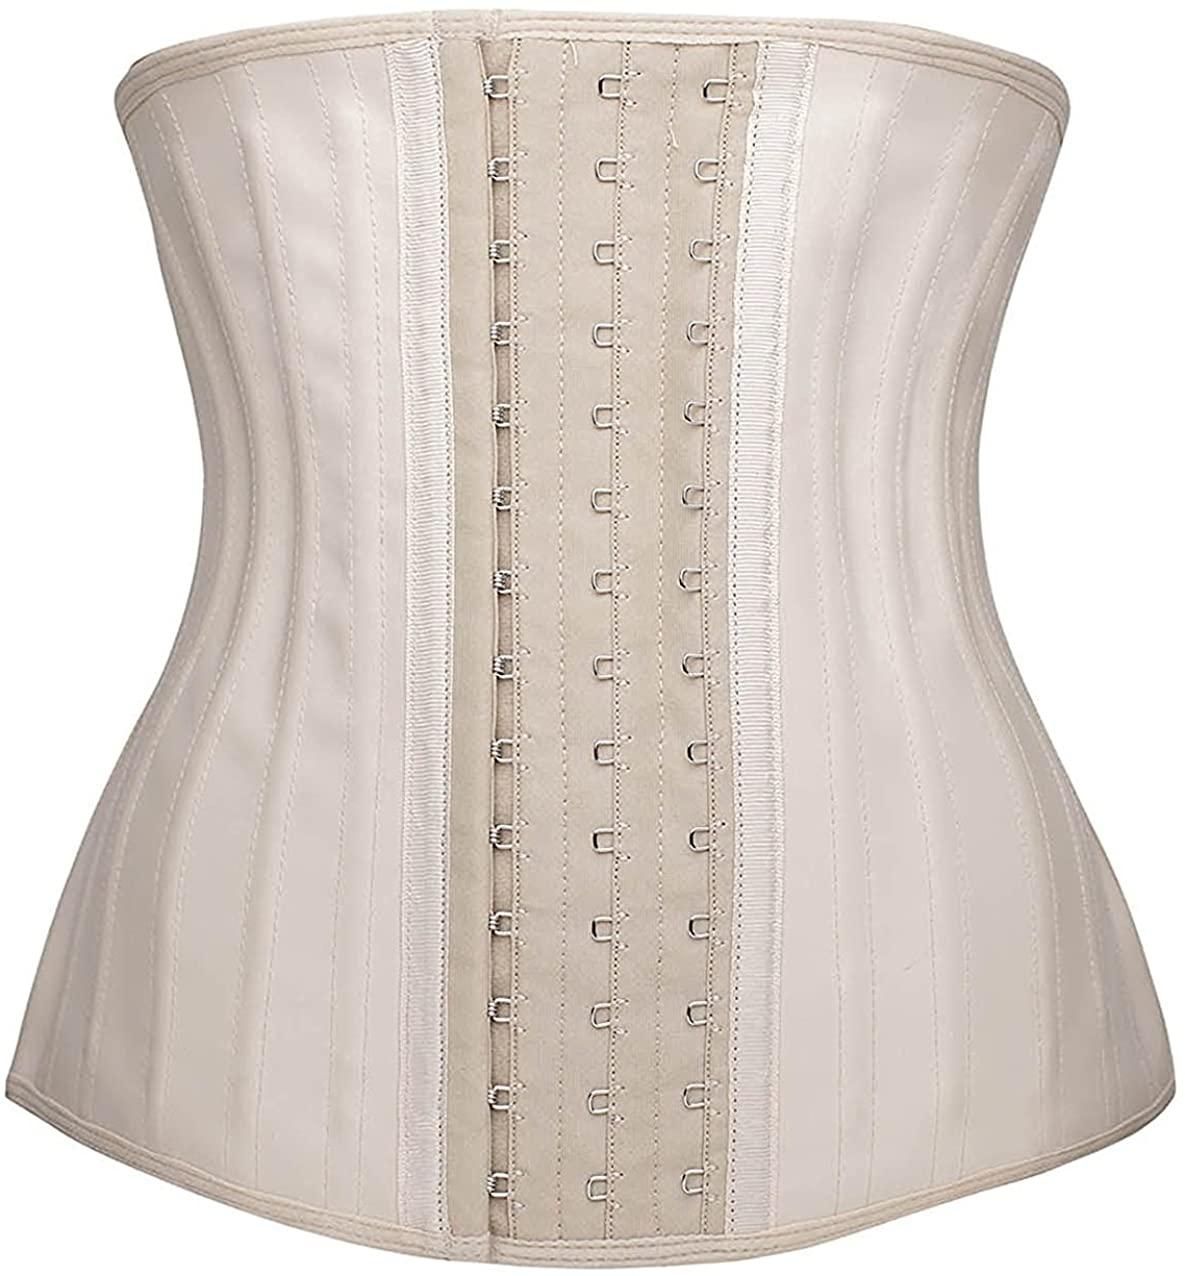 TX-Originality Women Waist trainer for weight loss waist cincher latex